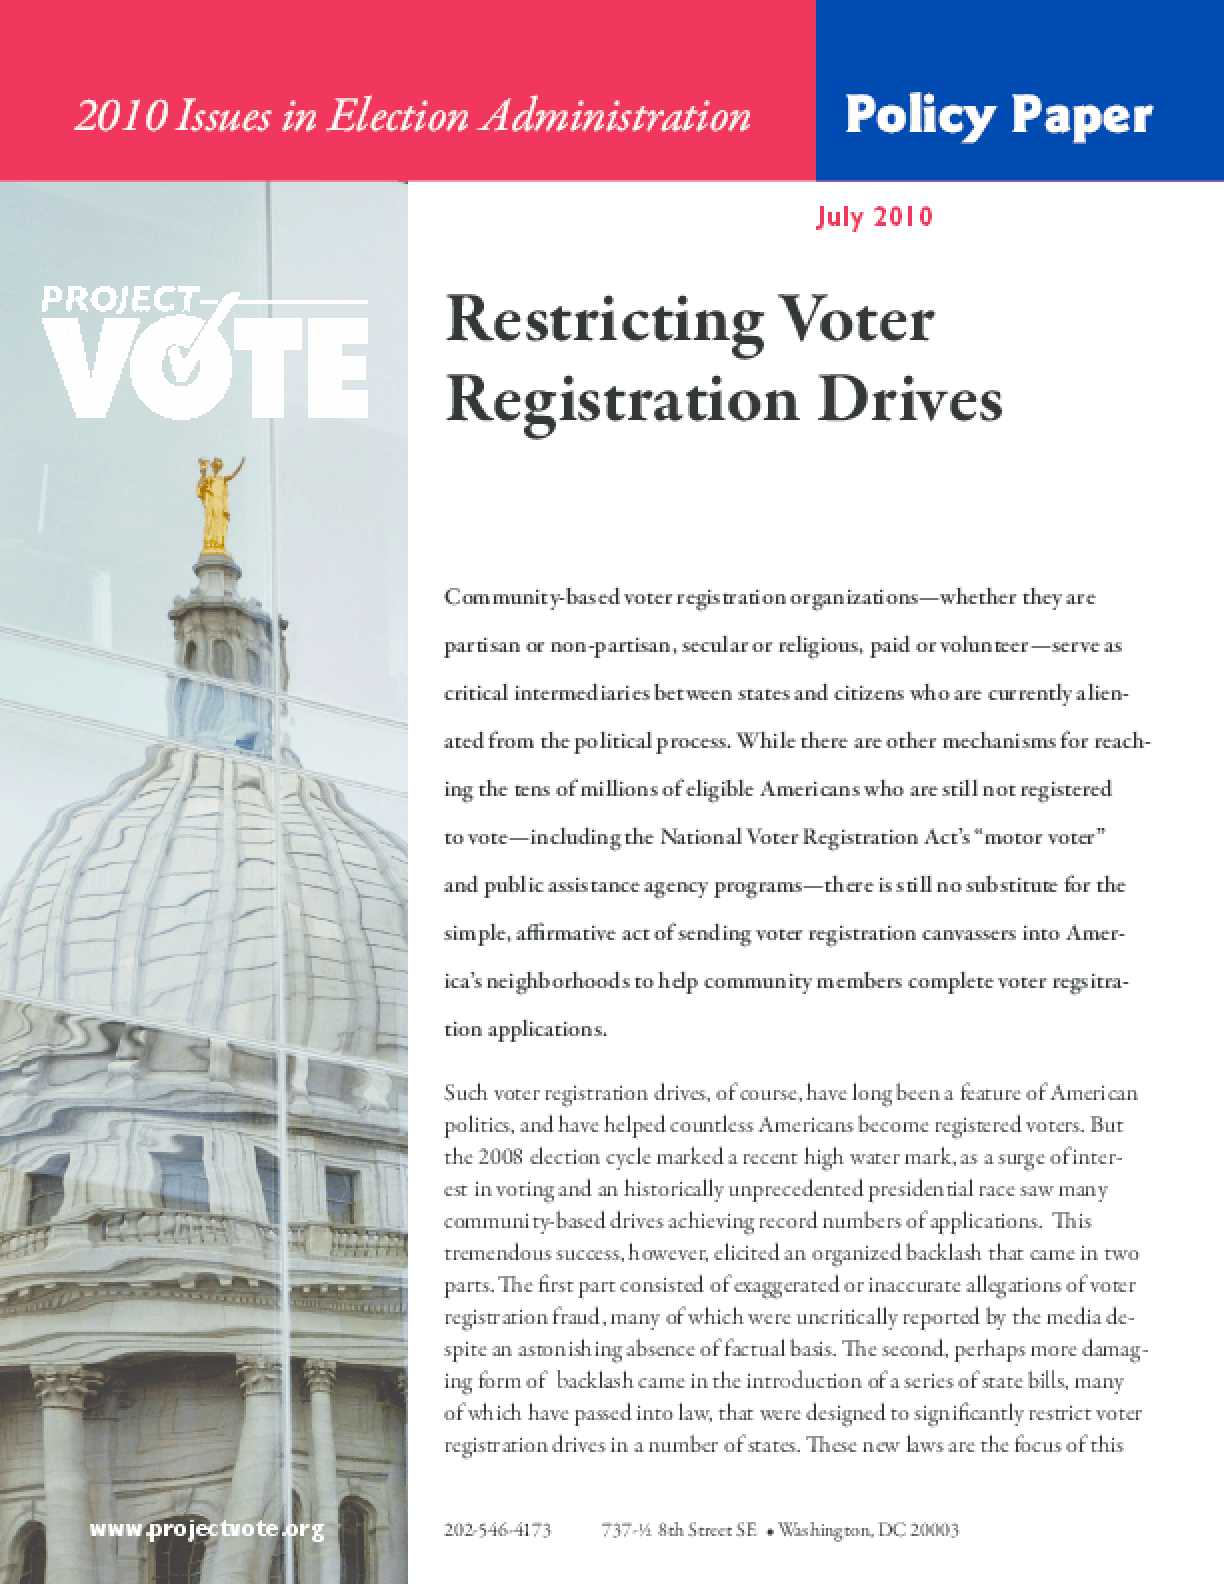 Restricting Voter Registration Drives